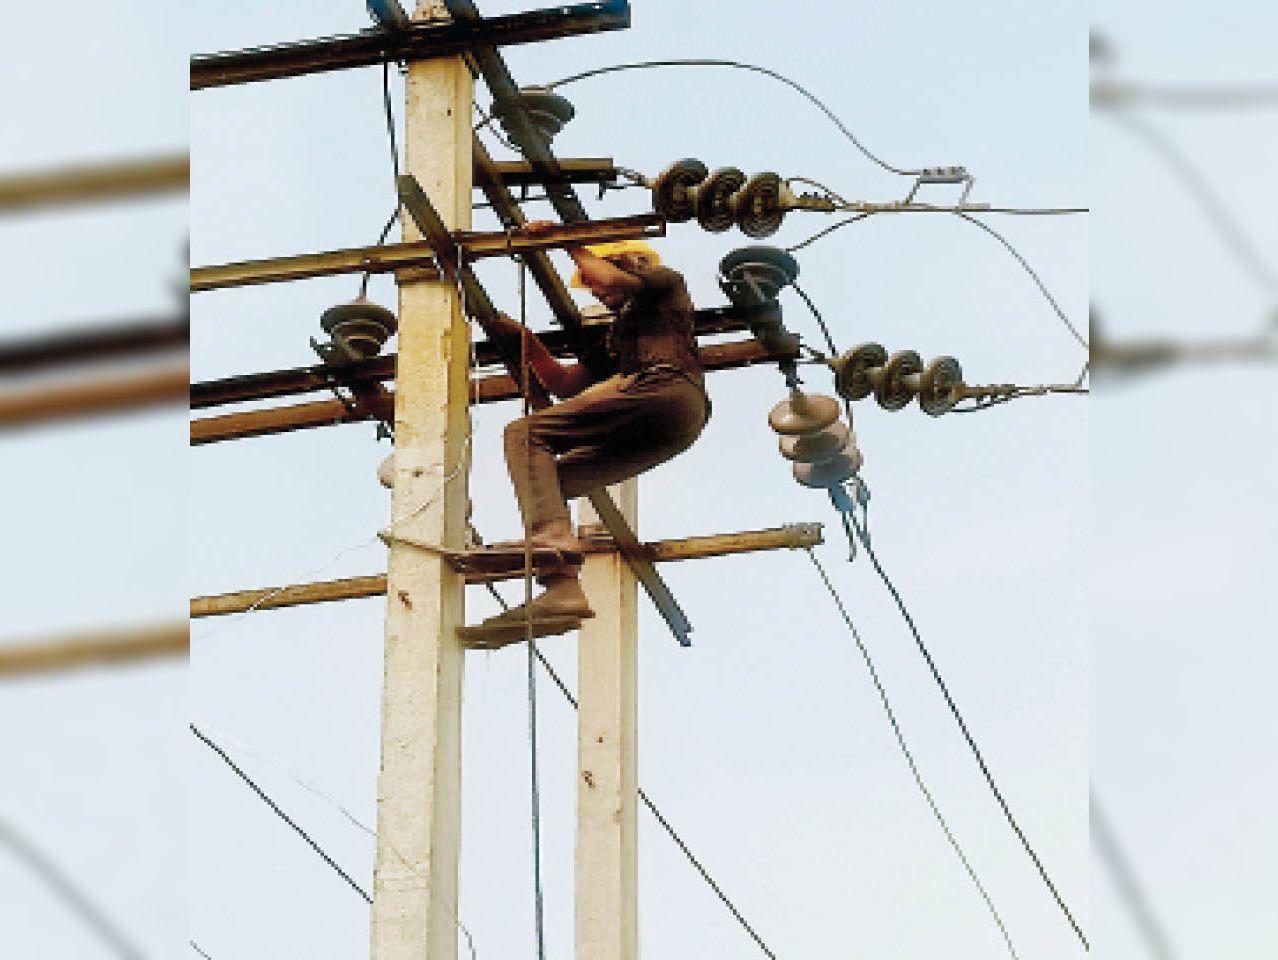 पानीपत. बापाैली एरिया के 33 केवी सब स्टेशन सनाैली कलां में लाइनाें की मरम्मत करते बिजली कर्मचारी। - Dainik Bhaskar